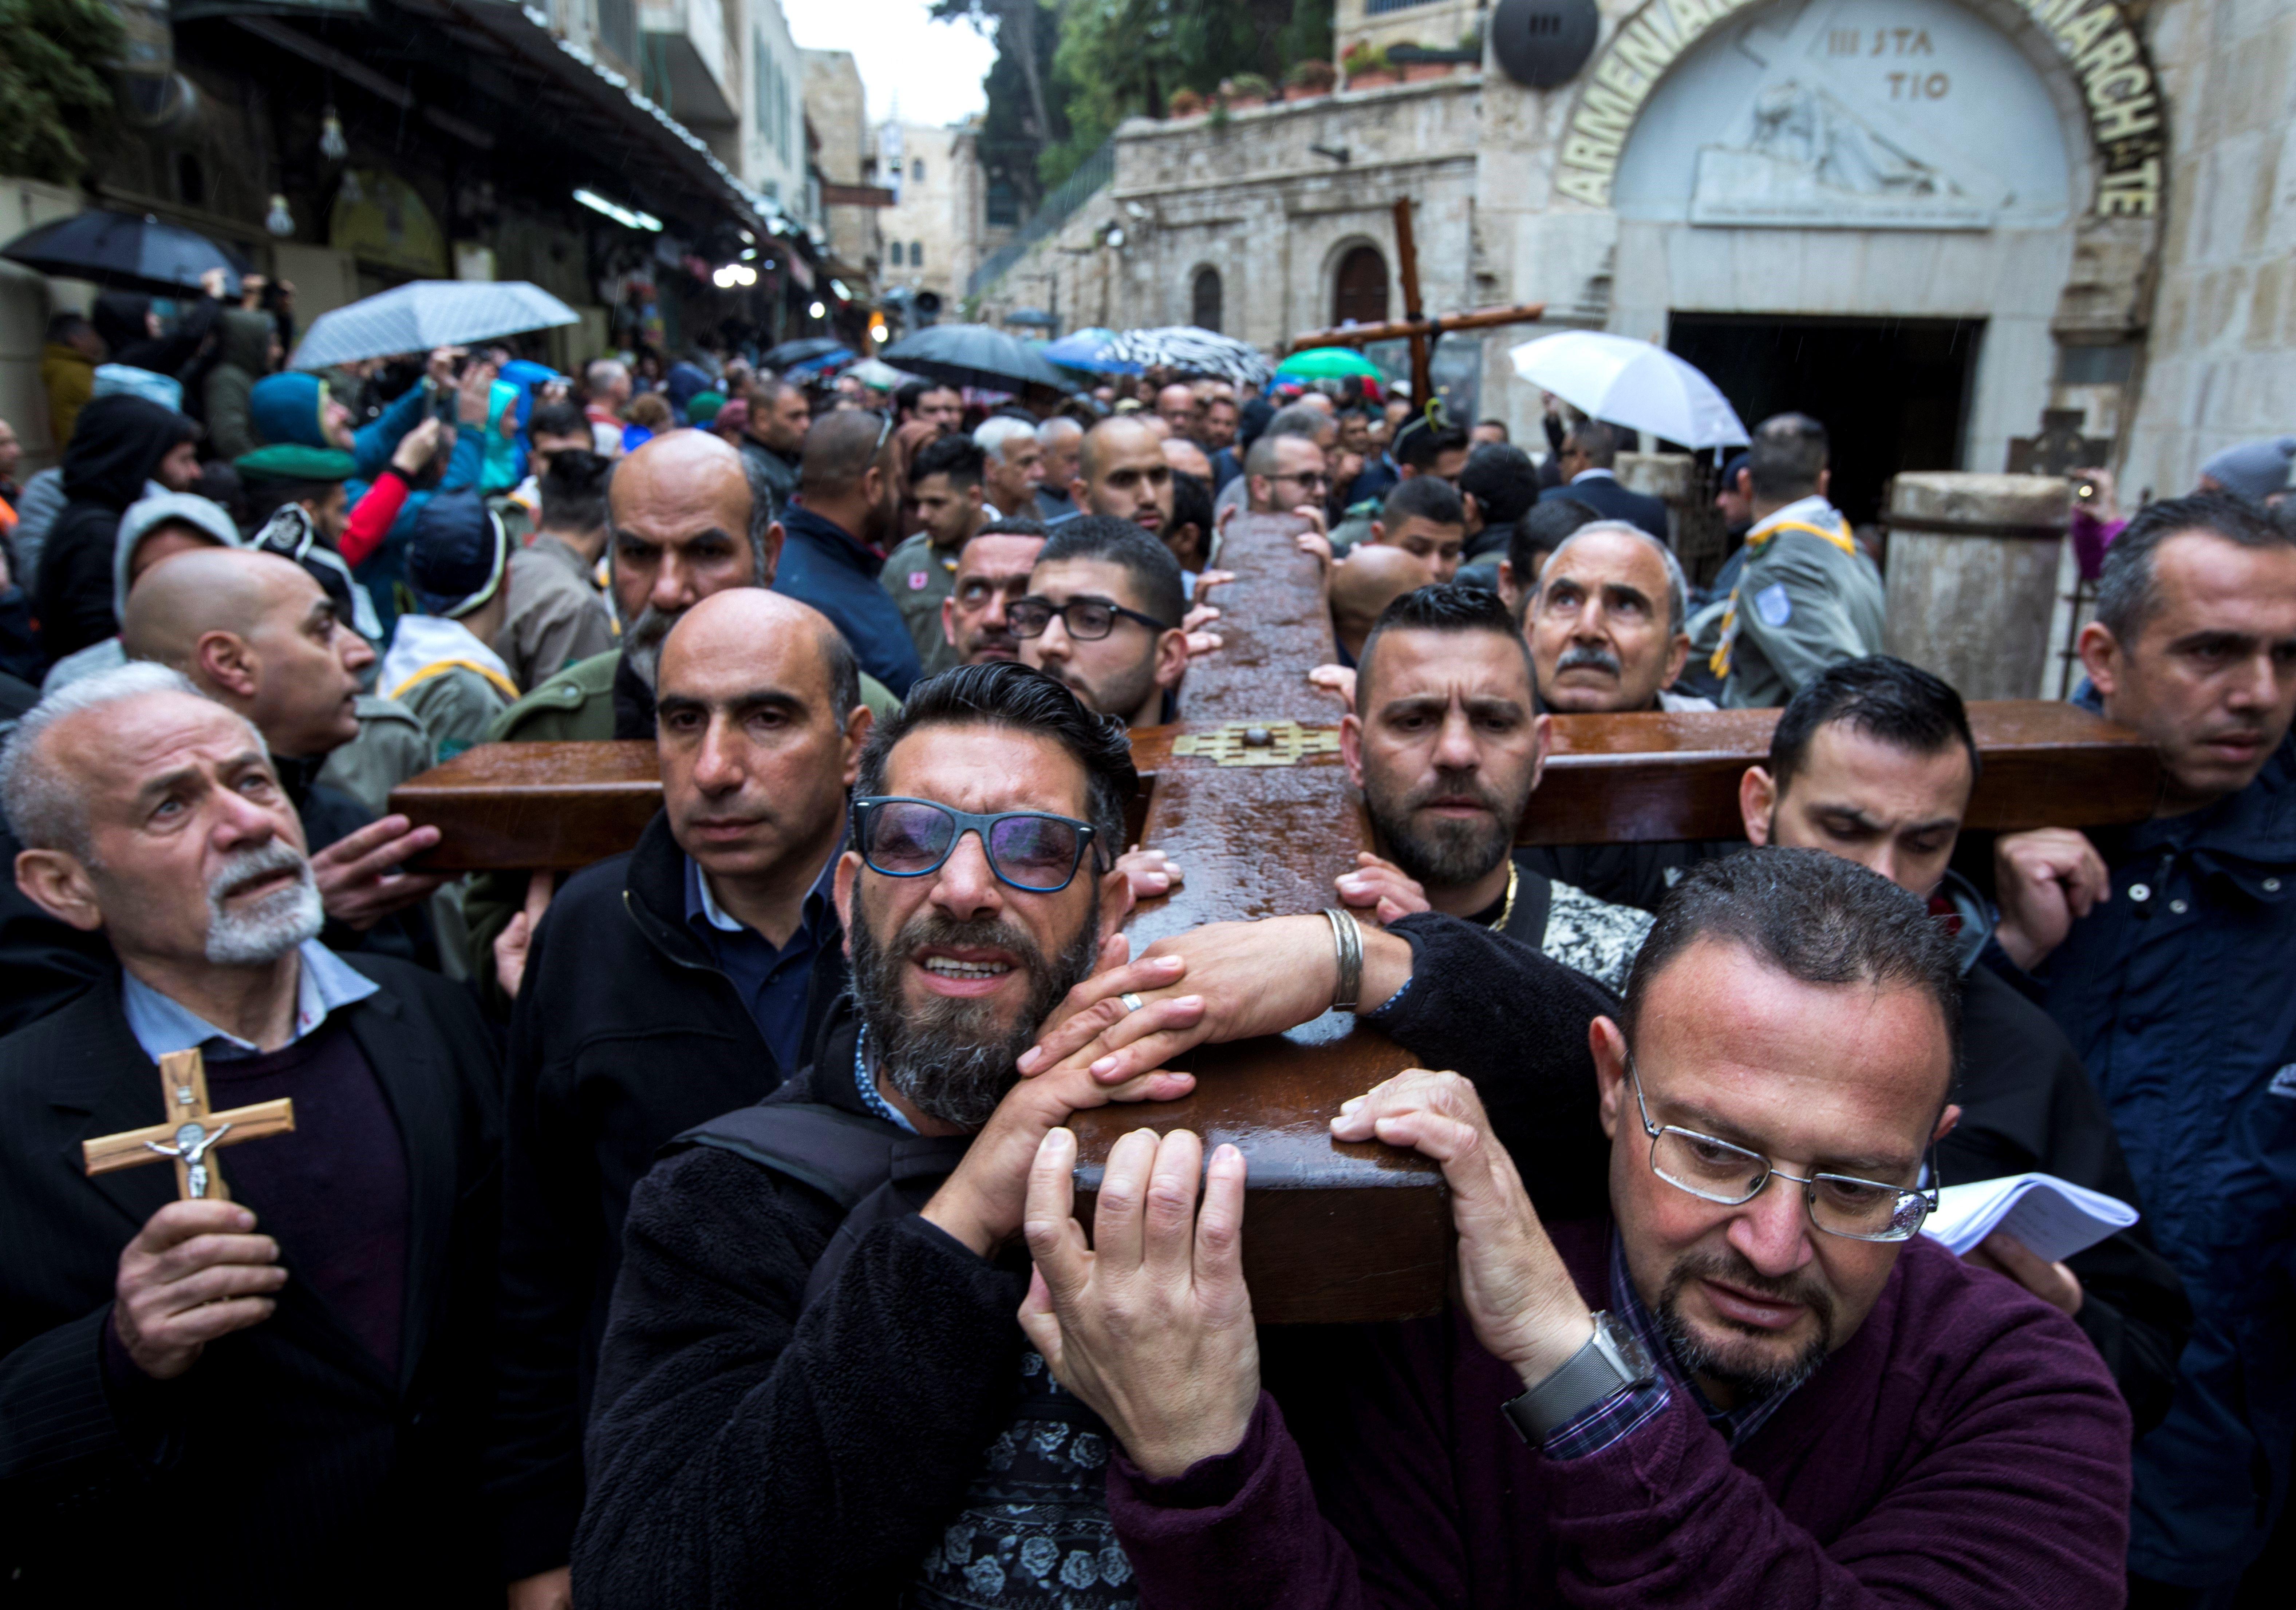 Cristianos cargan con una cruz de madera en la Vía Dolorosa, misma ruta por la que Jesucristo llevó a...